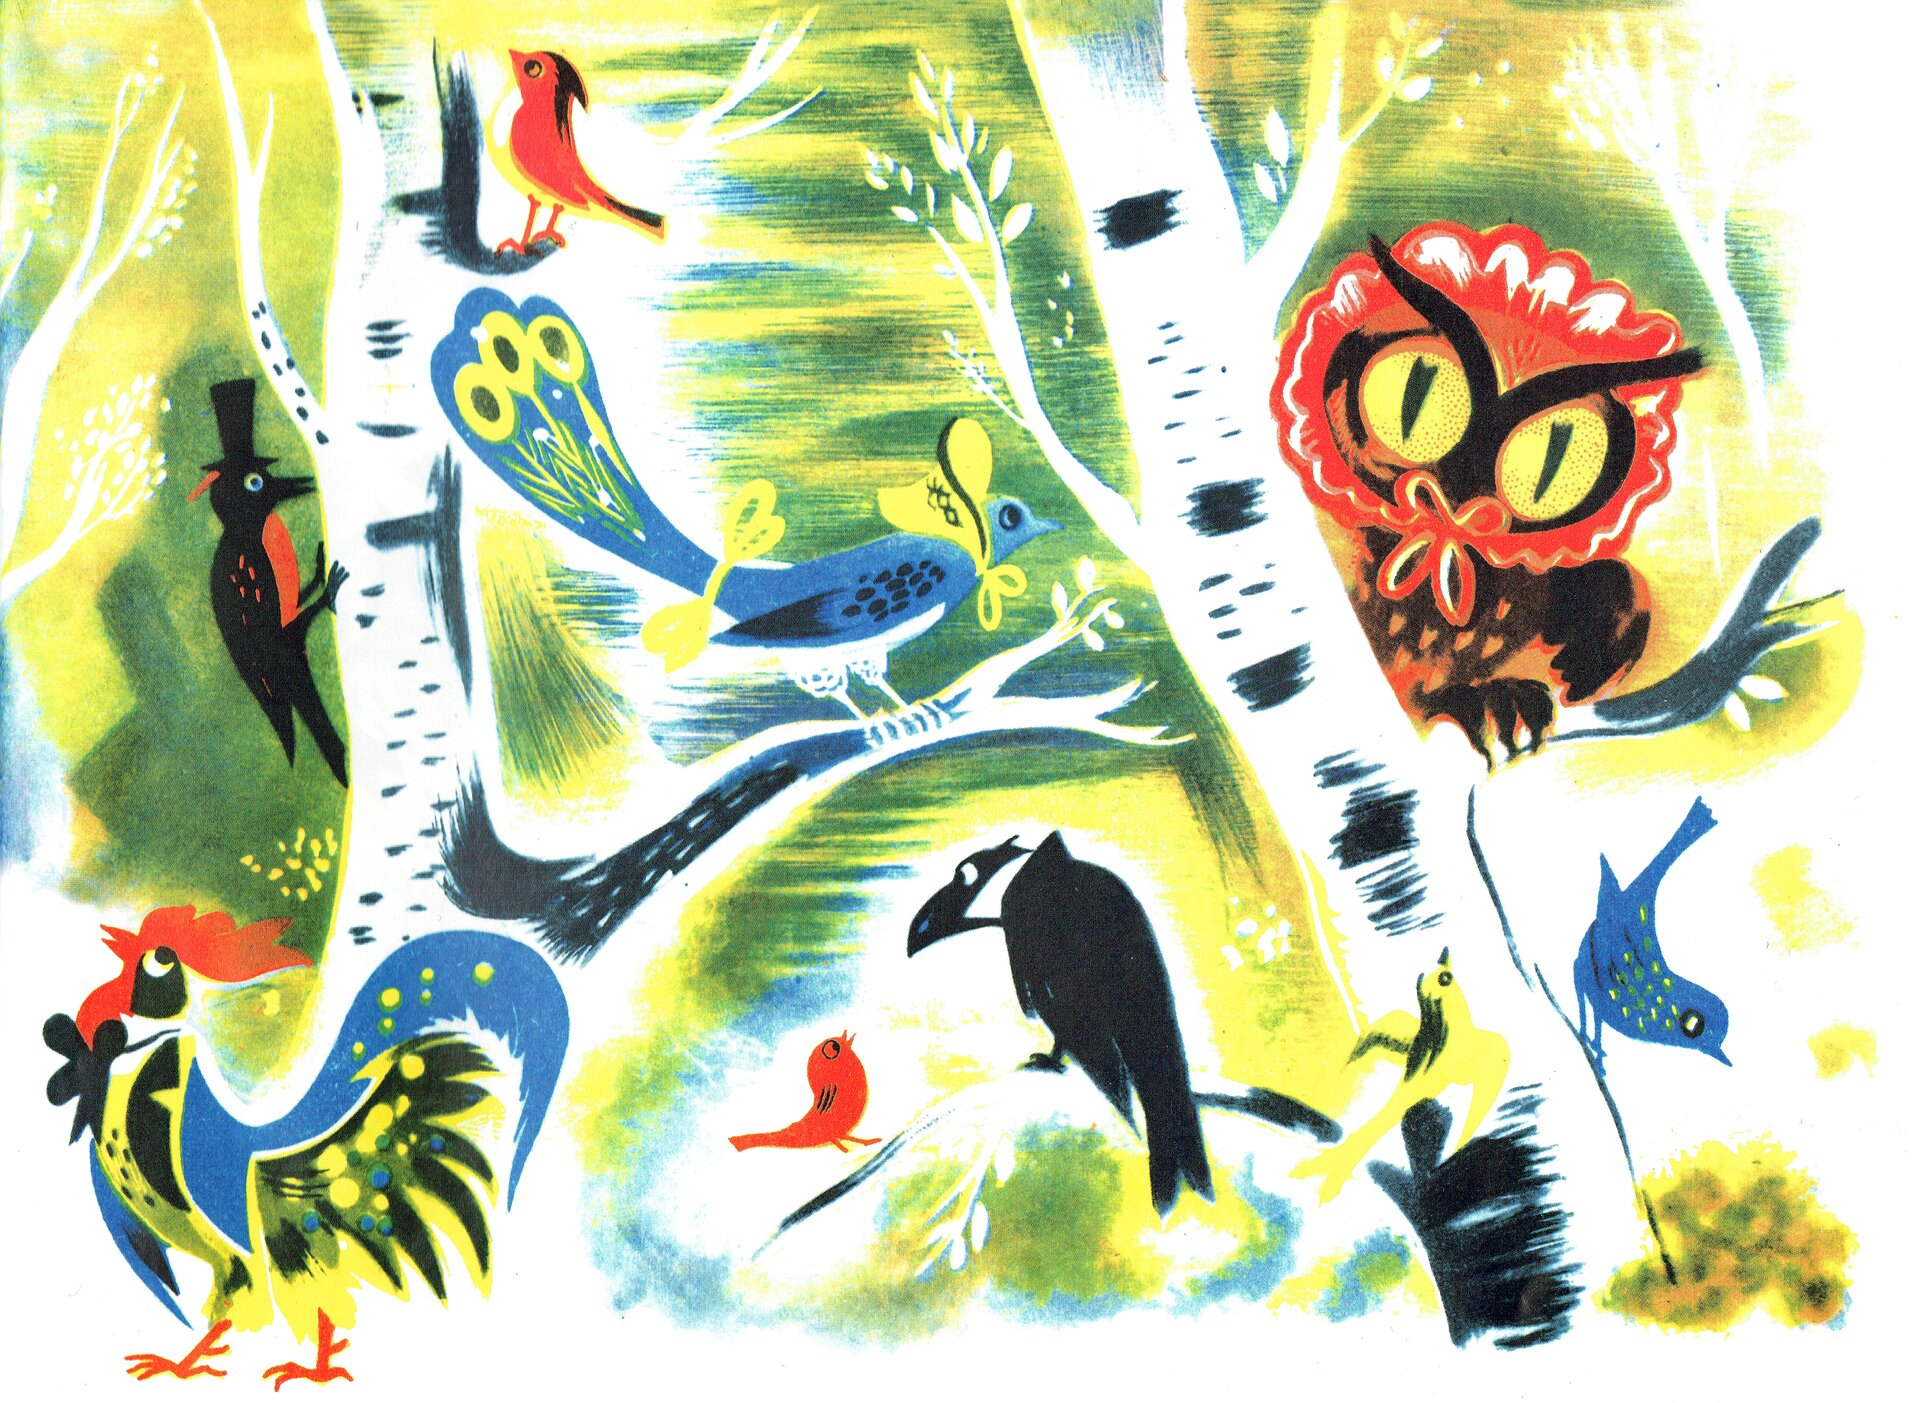 """Ilustracja przedstawia pracę Jana Marcina Szancera zksiążki Juliana Tuwima """"Ptasie radio"""". Ukazuje dwa konary brzozy, na których siedzą ptaki. Są tam między innymi: sowa, kruk, dzięcioł, paw, sroka iinne drobne ptactwo. Po lewej stronie przechadza się kogut zpodniesioną do góry głową. Między drzewami tło jest zielonożółte."""